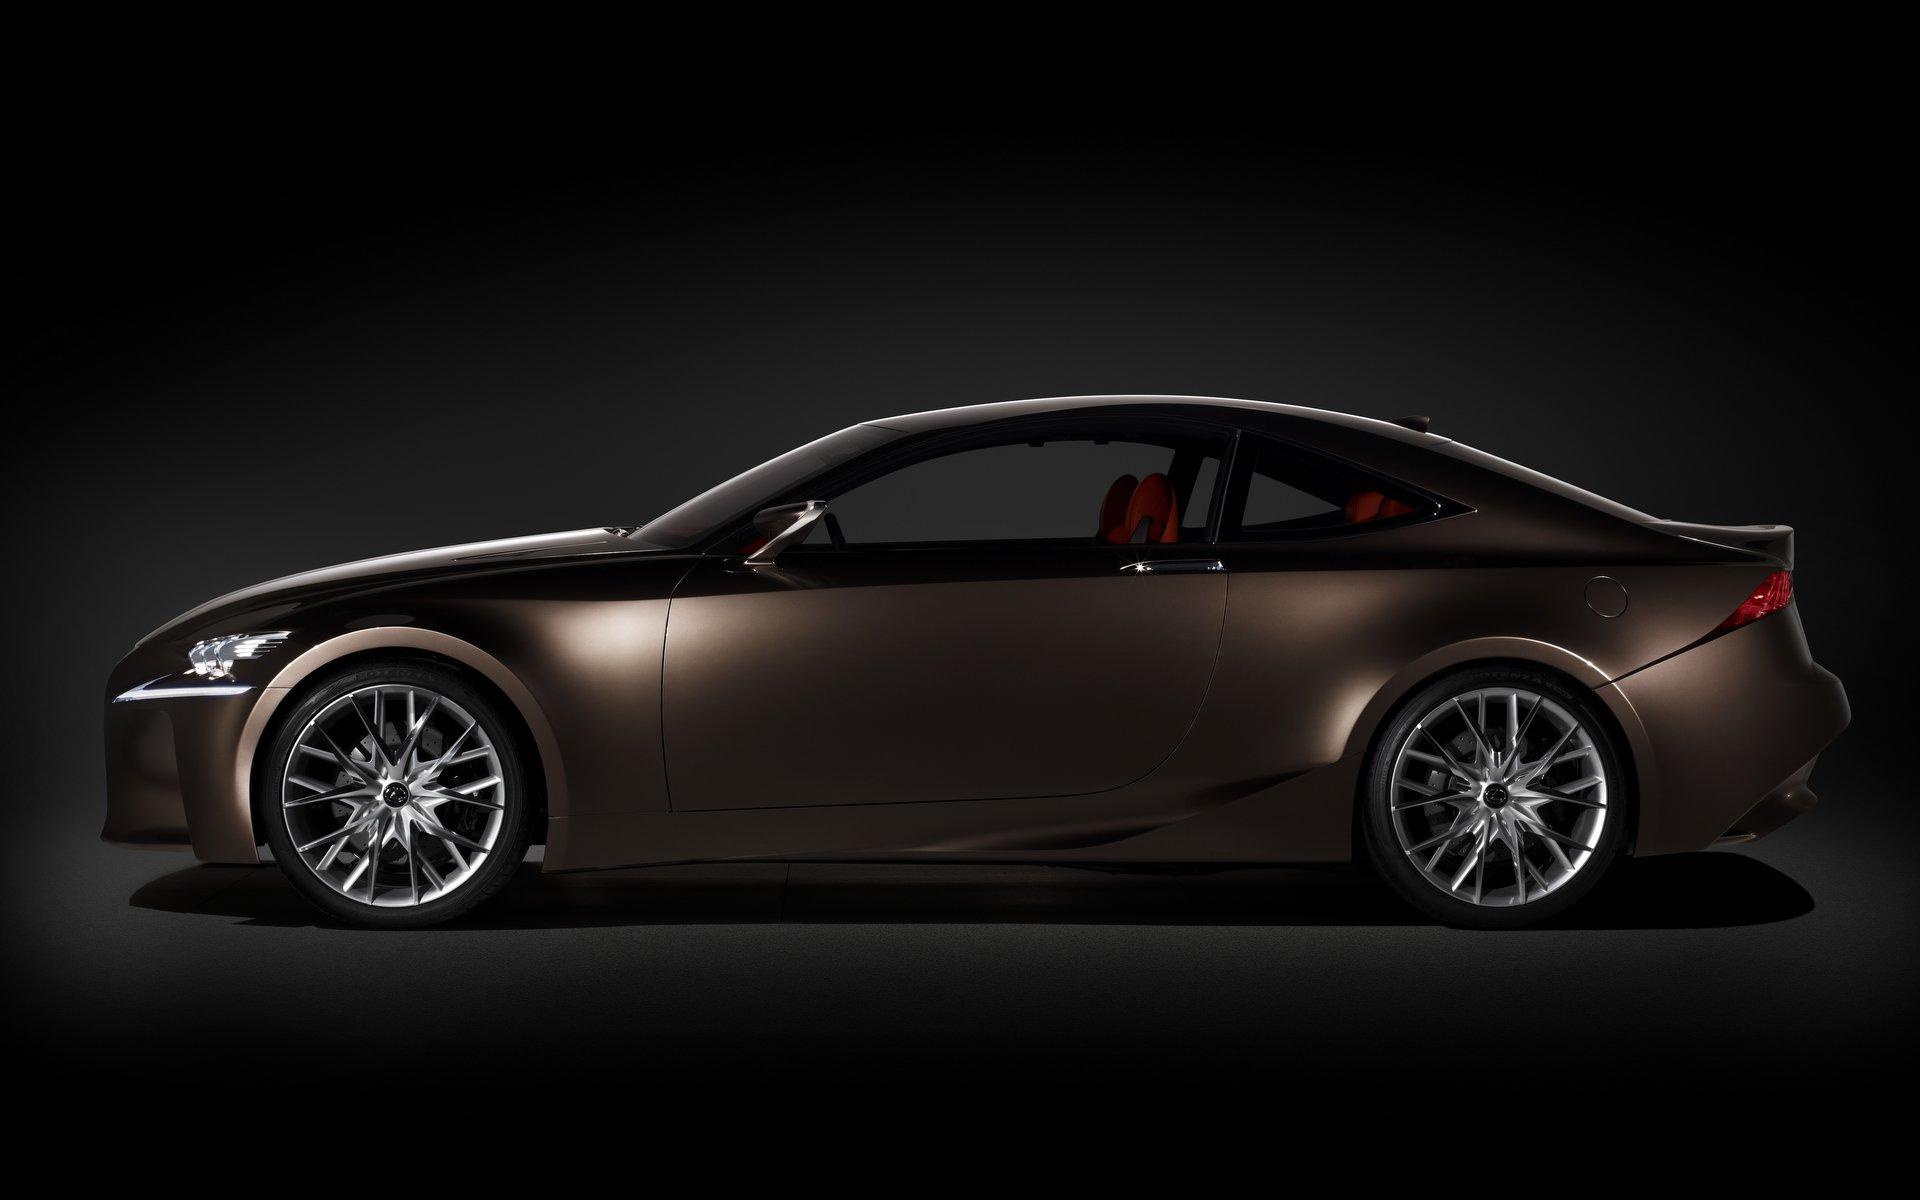 2012 Lexus LF-CC Concept Side View